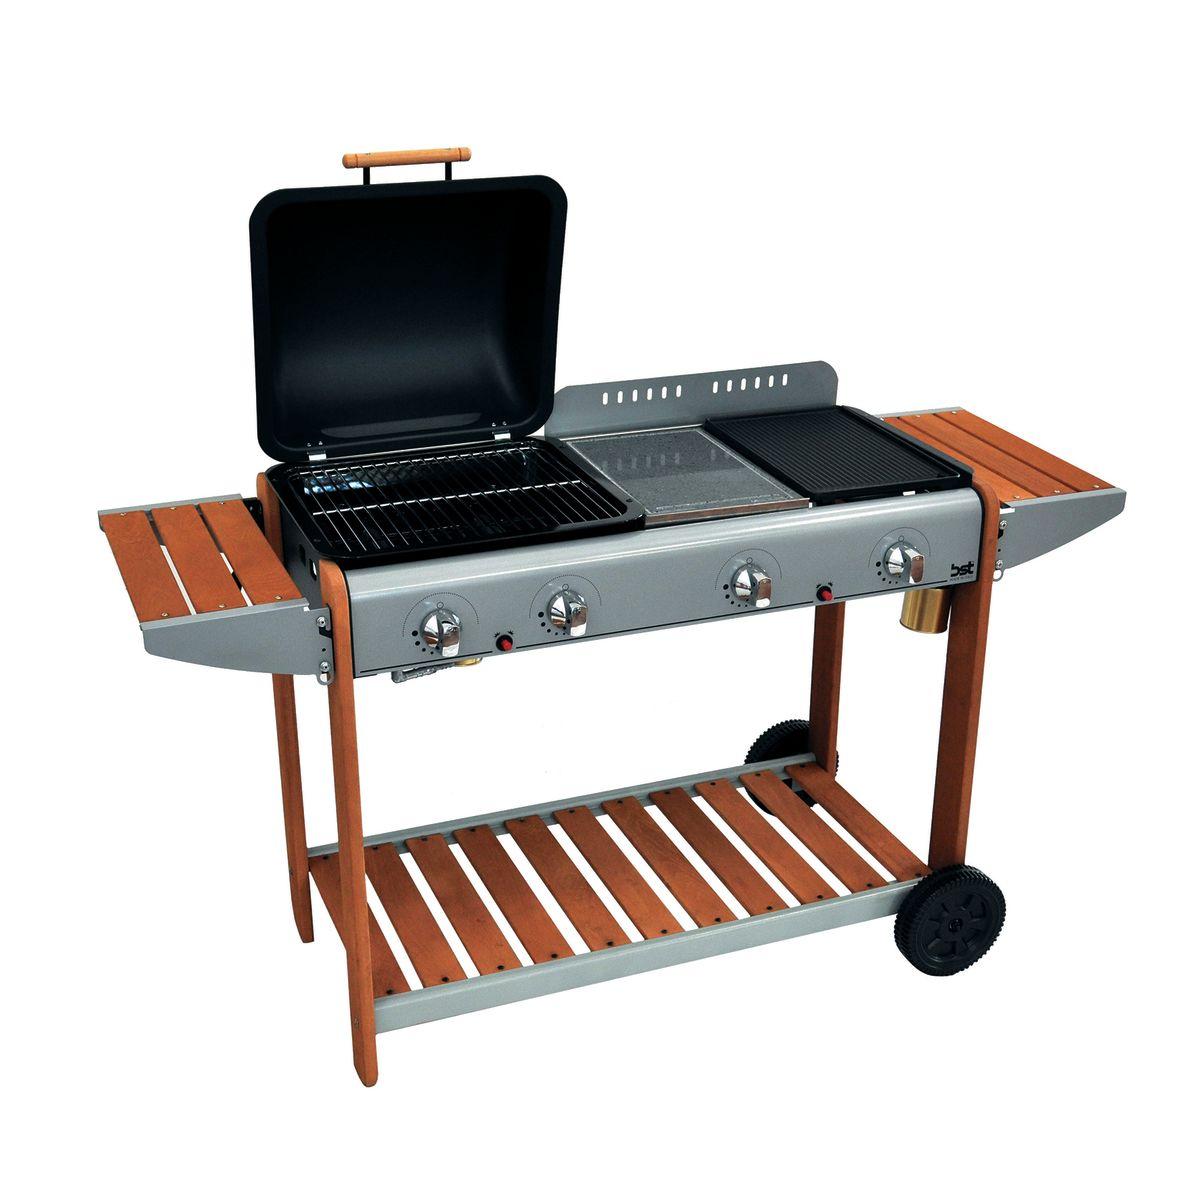 barbecue pietra lavica: prezzo online e in negozio